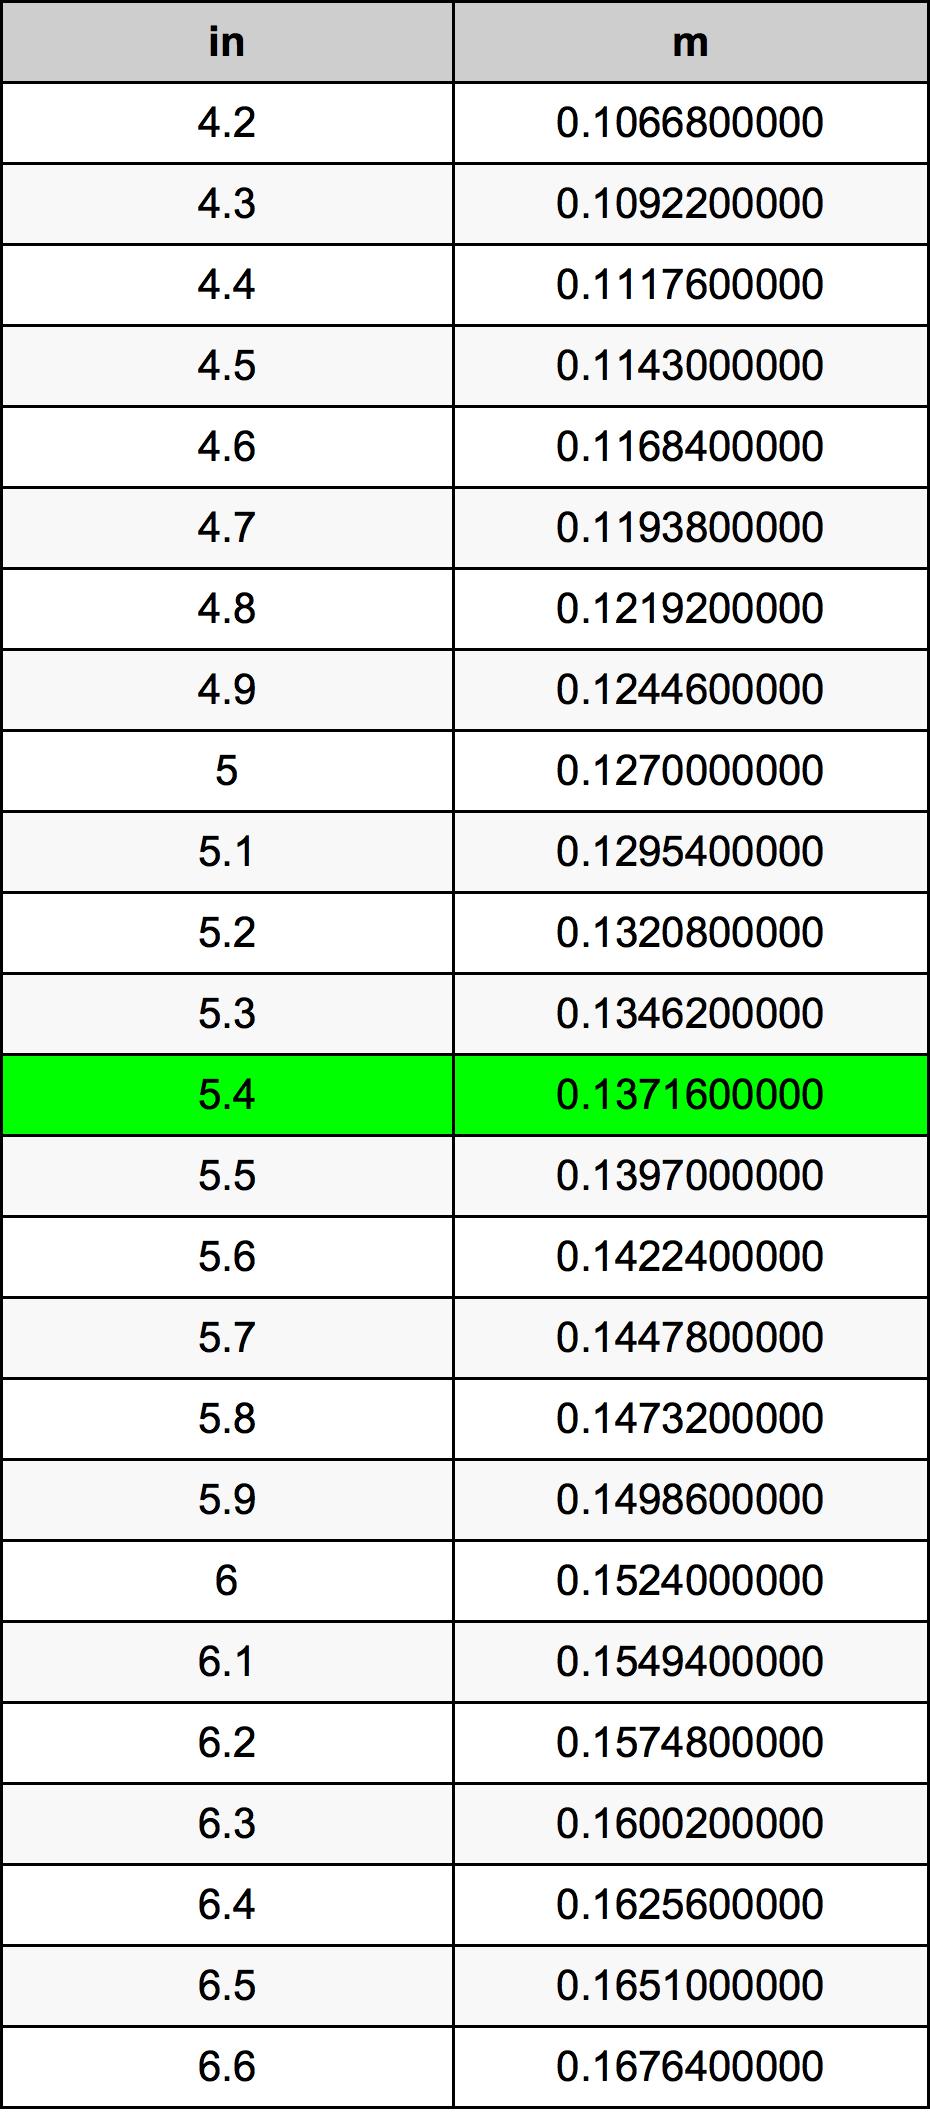 5.4 Colis konversijos lentelę